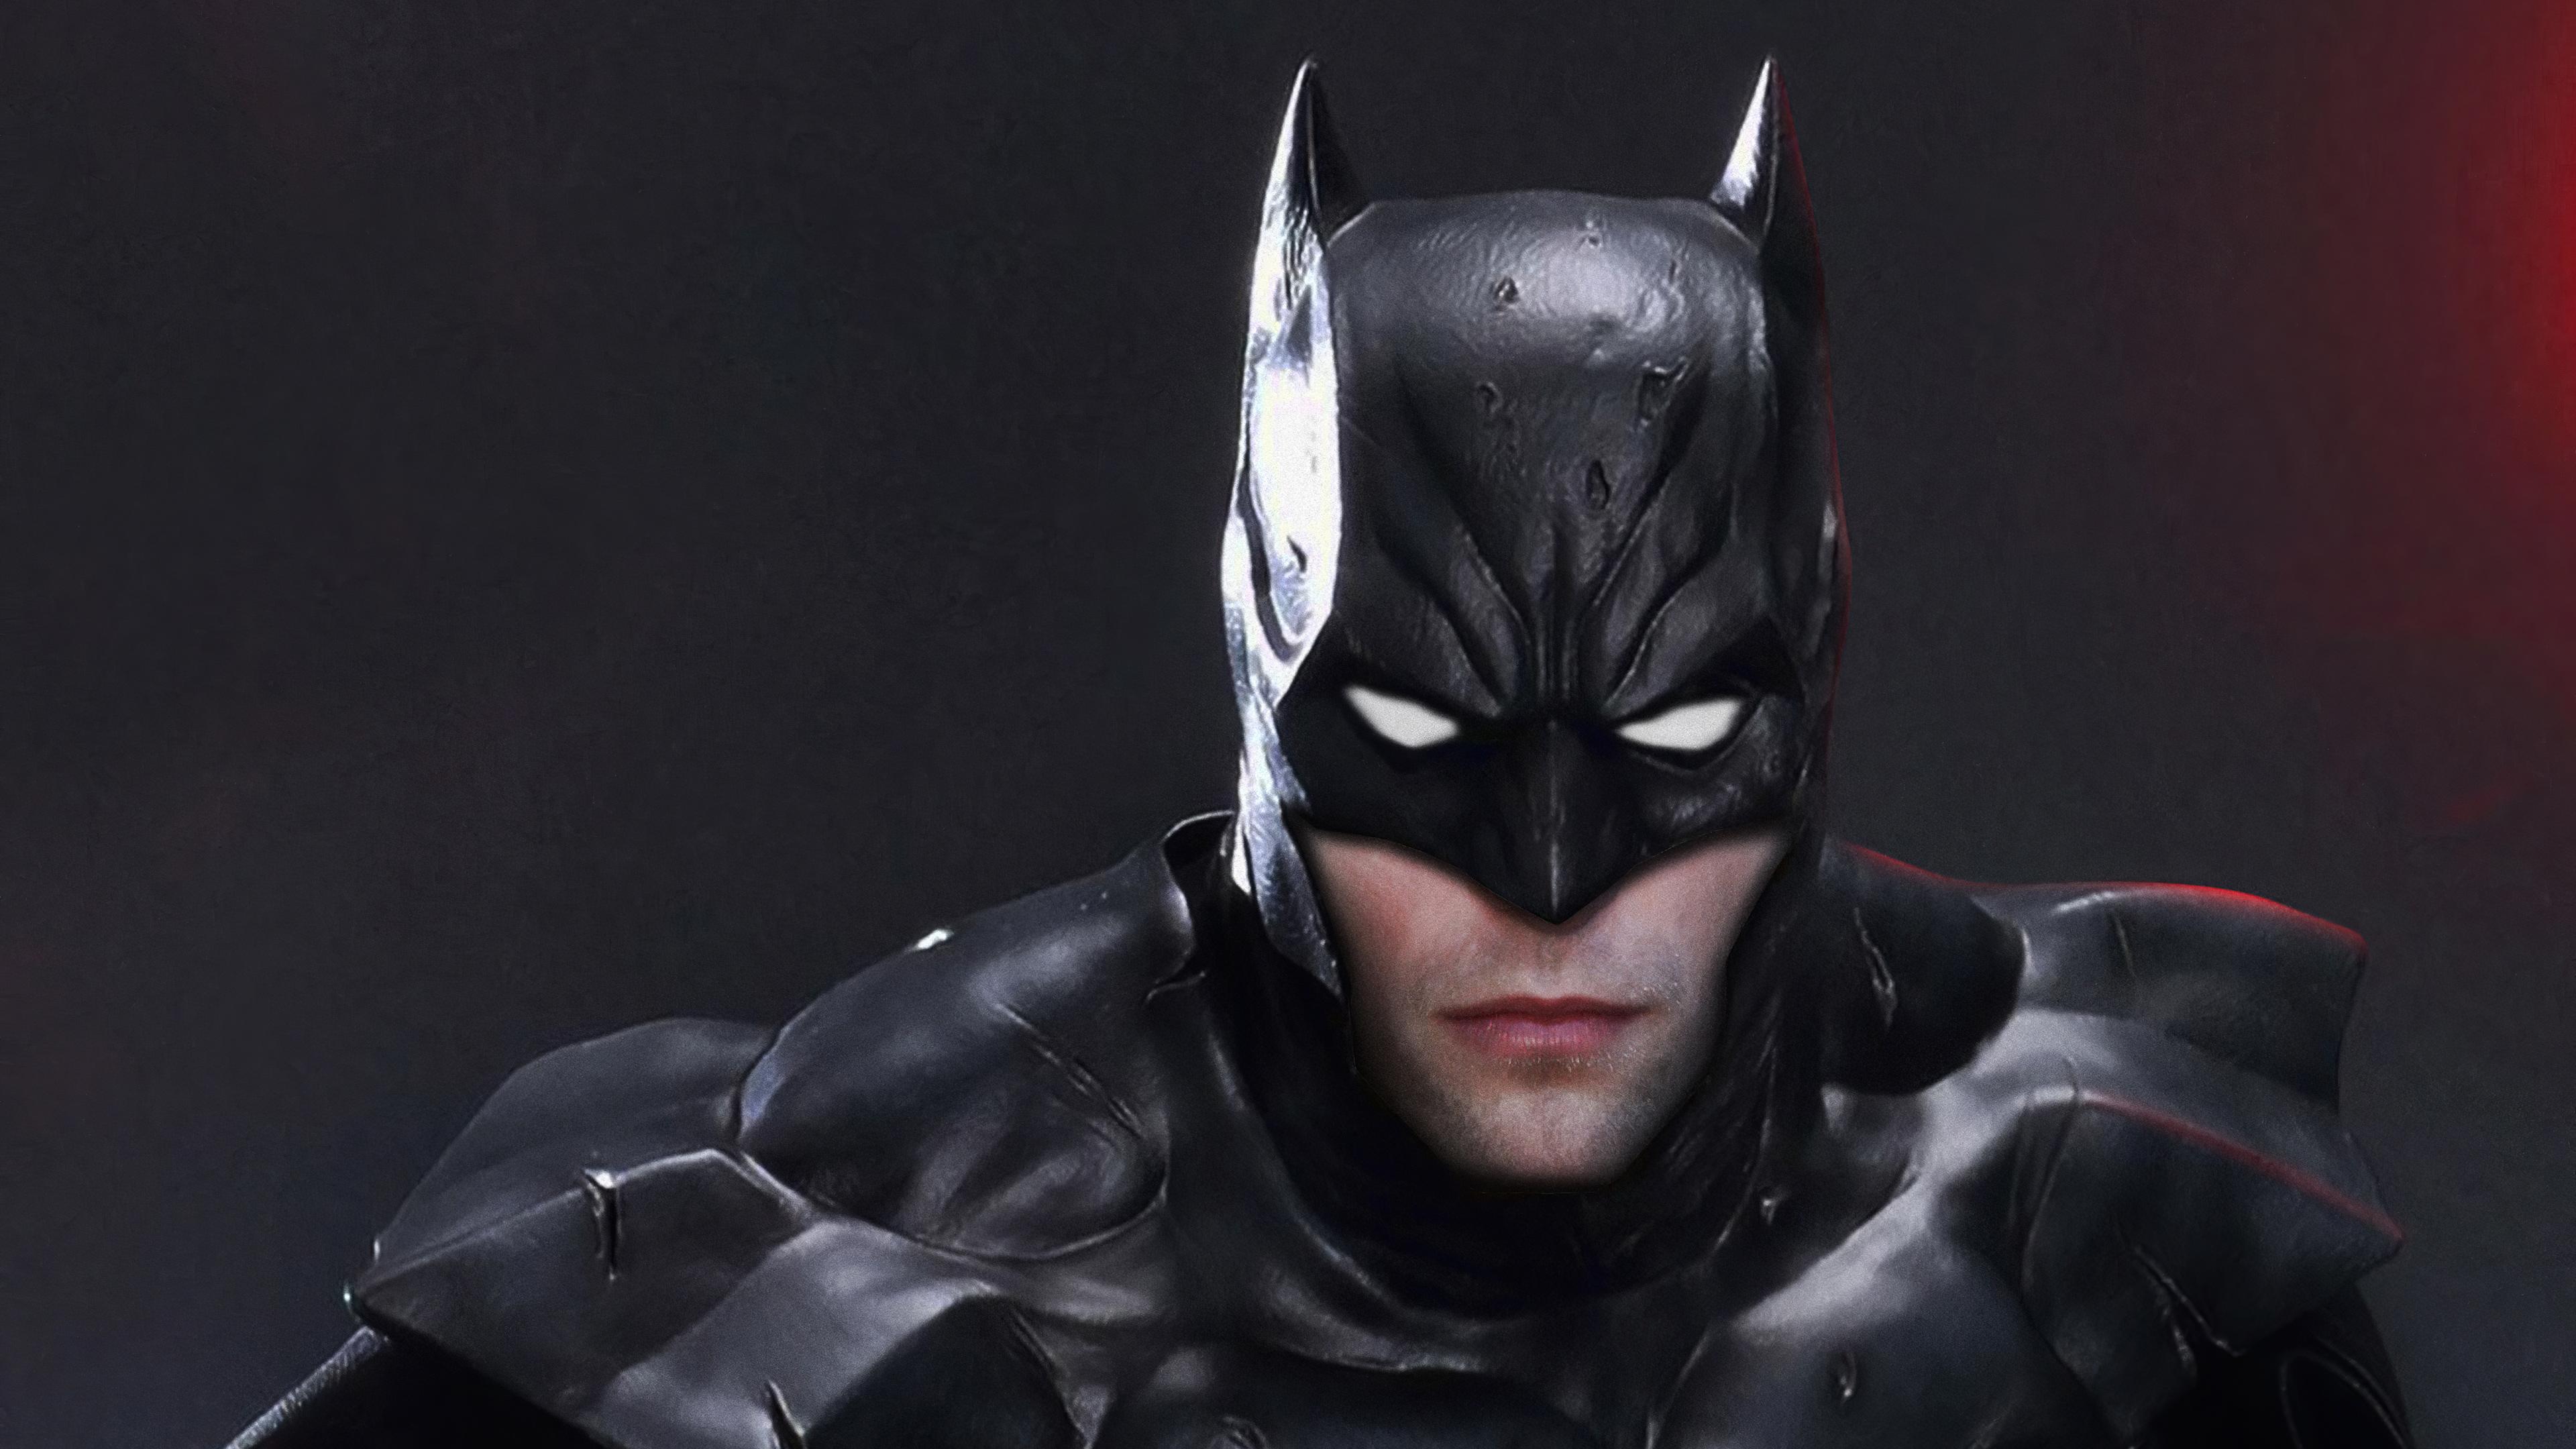 robert pattinson as the batman 4k 1618166583 - Robert Pattinson As The Batman 4k - Robert Pattinson As The Batman 4k wallpapers